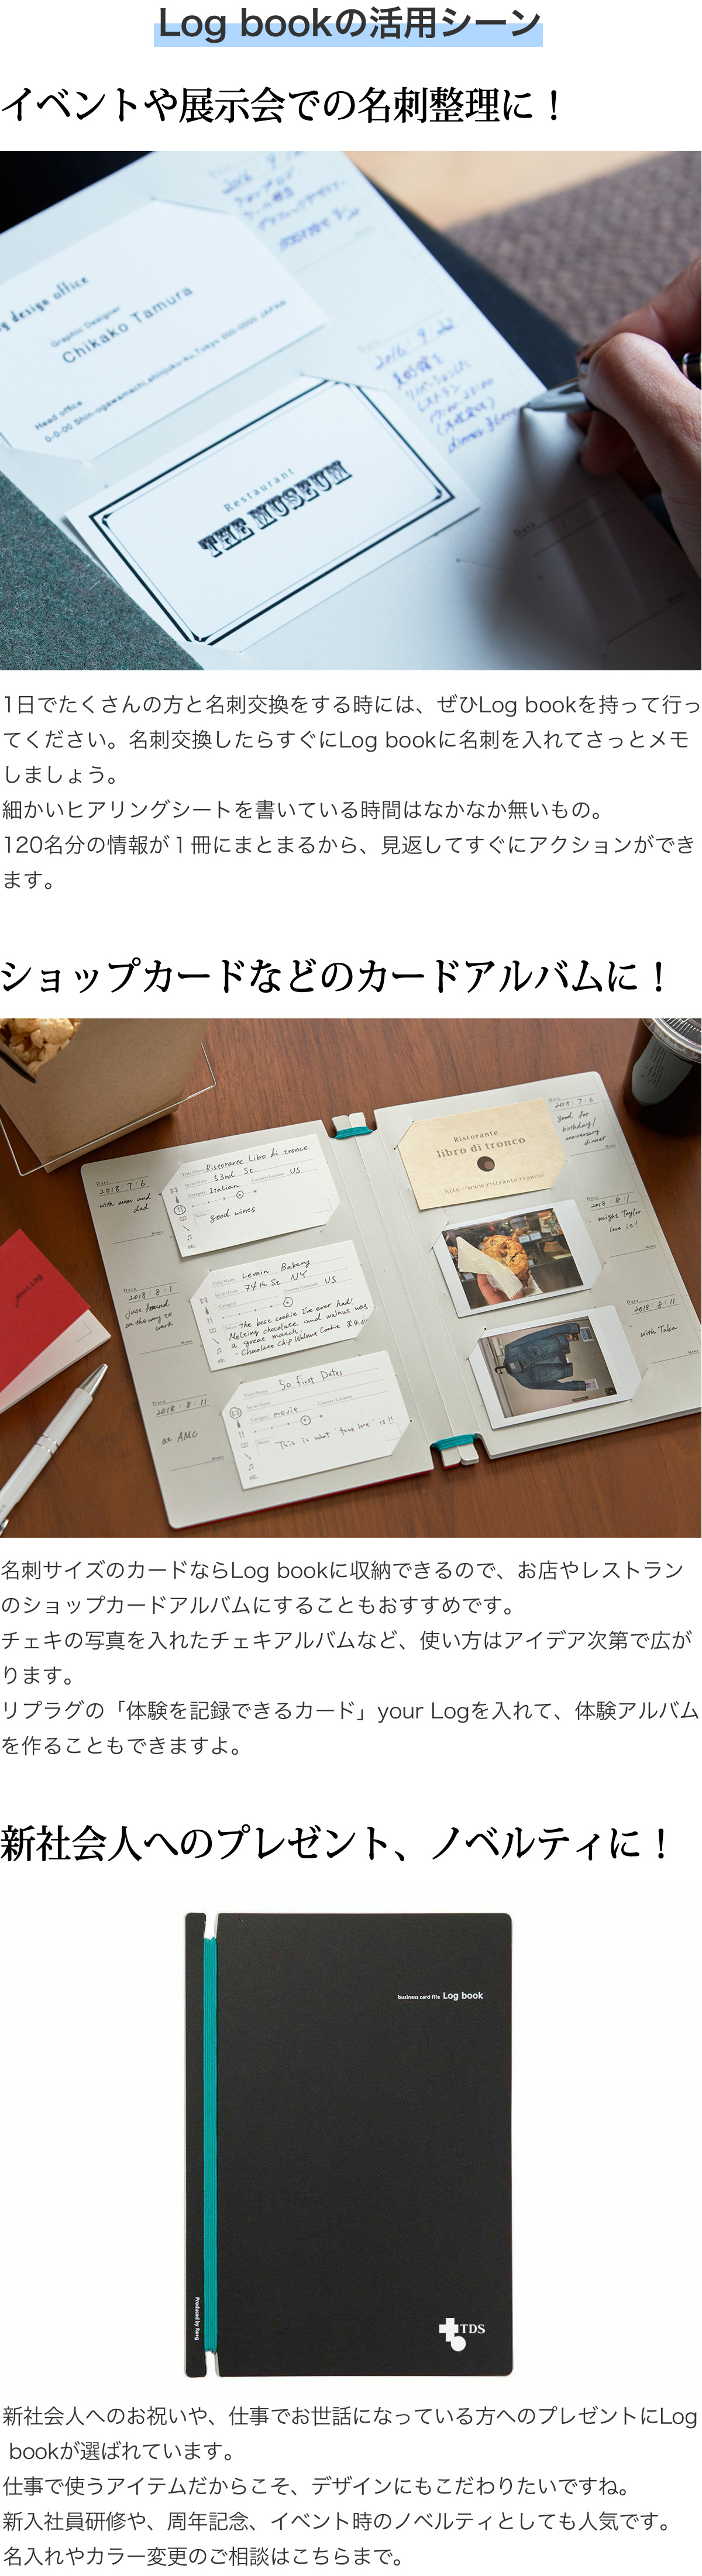 Log bookの活用シーン イベントや展示会での名刺整理に!1日でたくさんの方と名刺交換をする時には、ぜひLog bookを持って行ってください。名刺交換したらすぐにLog bookに名刺を入れてさっとメモしましょう。細かいヒアリングシートを書いている時間はなかなか無いもの。120名分の情報が1冊にまとまるから、見返してすぐにアクションができます。 ショップカードなどのカードアルバムに!名刺サイズのカードならLog bookに収納できるので、お店やレストランのショップカードアルバムにすることもおすすめです。チェキの写真を入れたチェキアルバムなど、使い方はアイデア次第で広がります。リプラグの「体験を記録できるカード」your Logを入れて、体験アルバムやお料理レシピ集を作ることもできますよ。 社会人へのプレゼント、ノベルティに!新社会人へのお祝いや、仕事でお世話になっている方へのプレゼントにLog bookが選ばれています。仕事で使うアイテムだからこそ、デザインにもこだわりたいですね。新入社員研修や、周年記念、イベント時のノベルティとしても人気です。名入れやカラー変更のご相談はこちらまで。